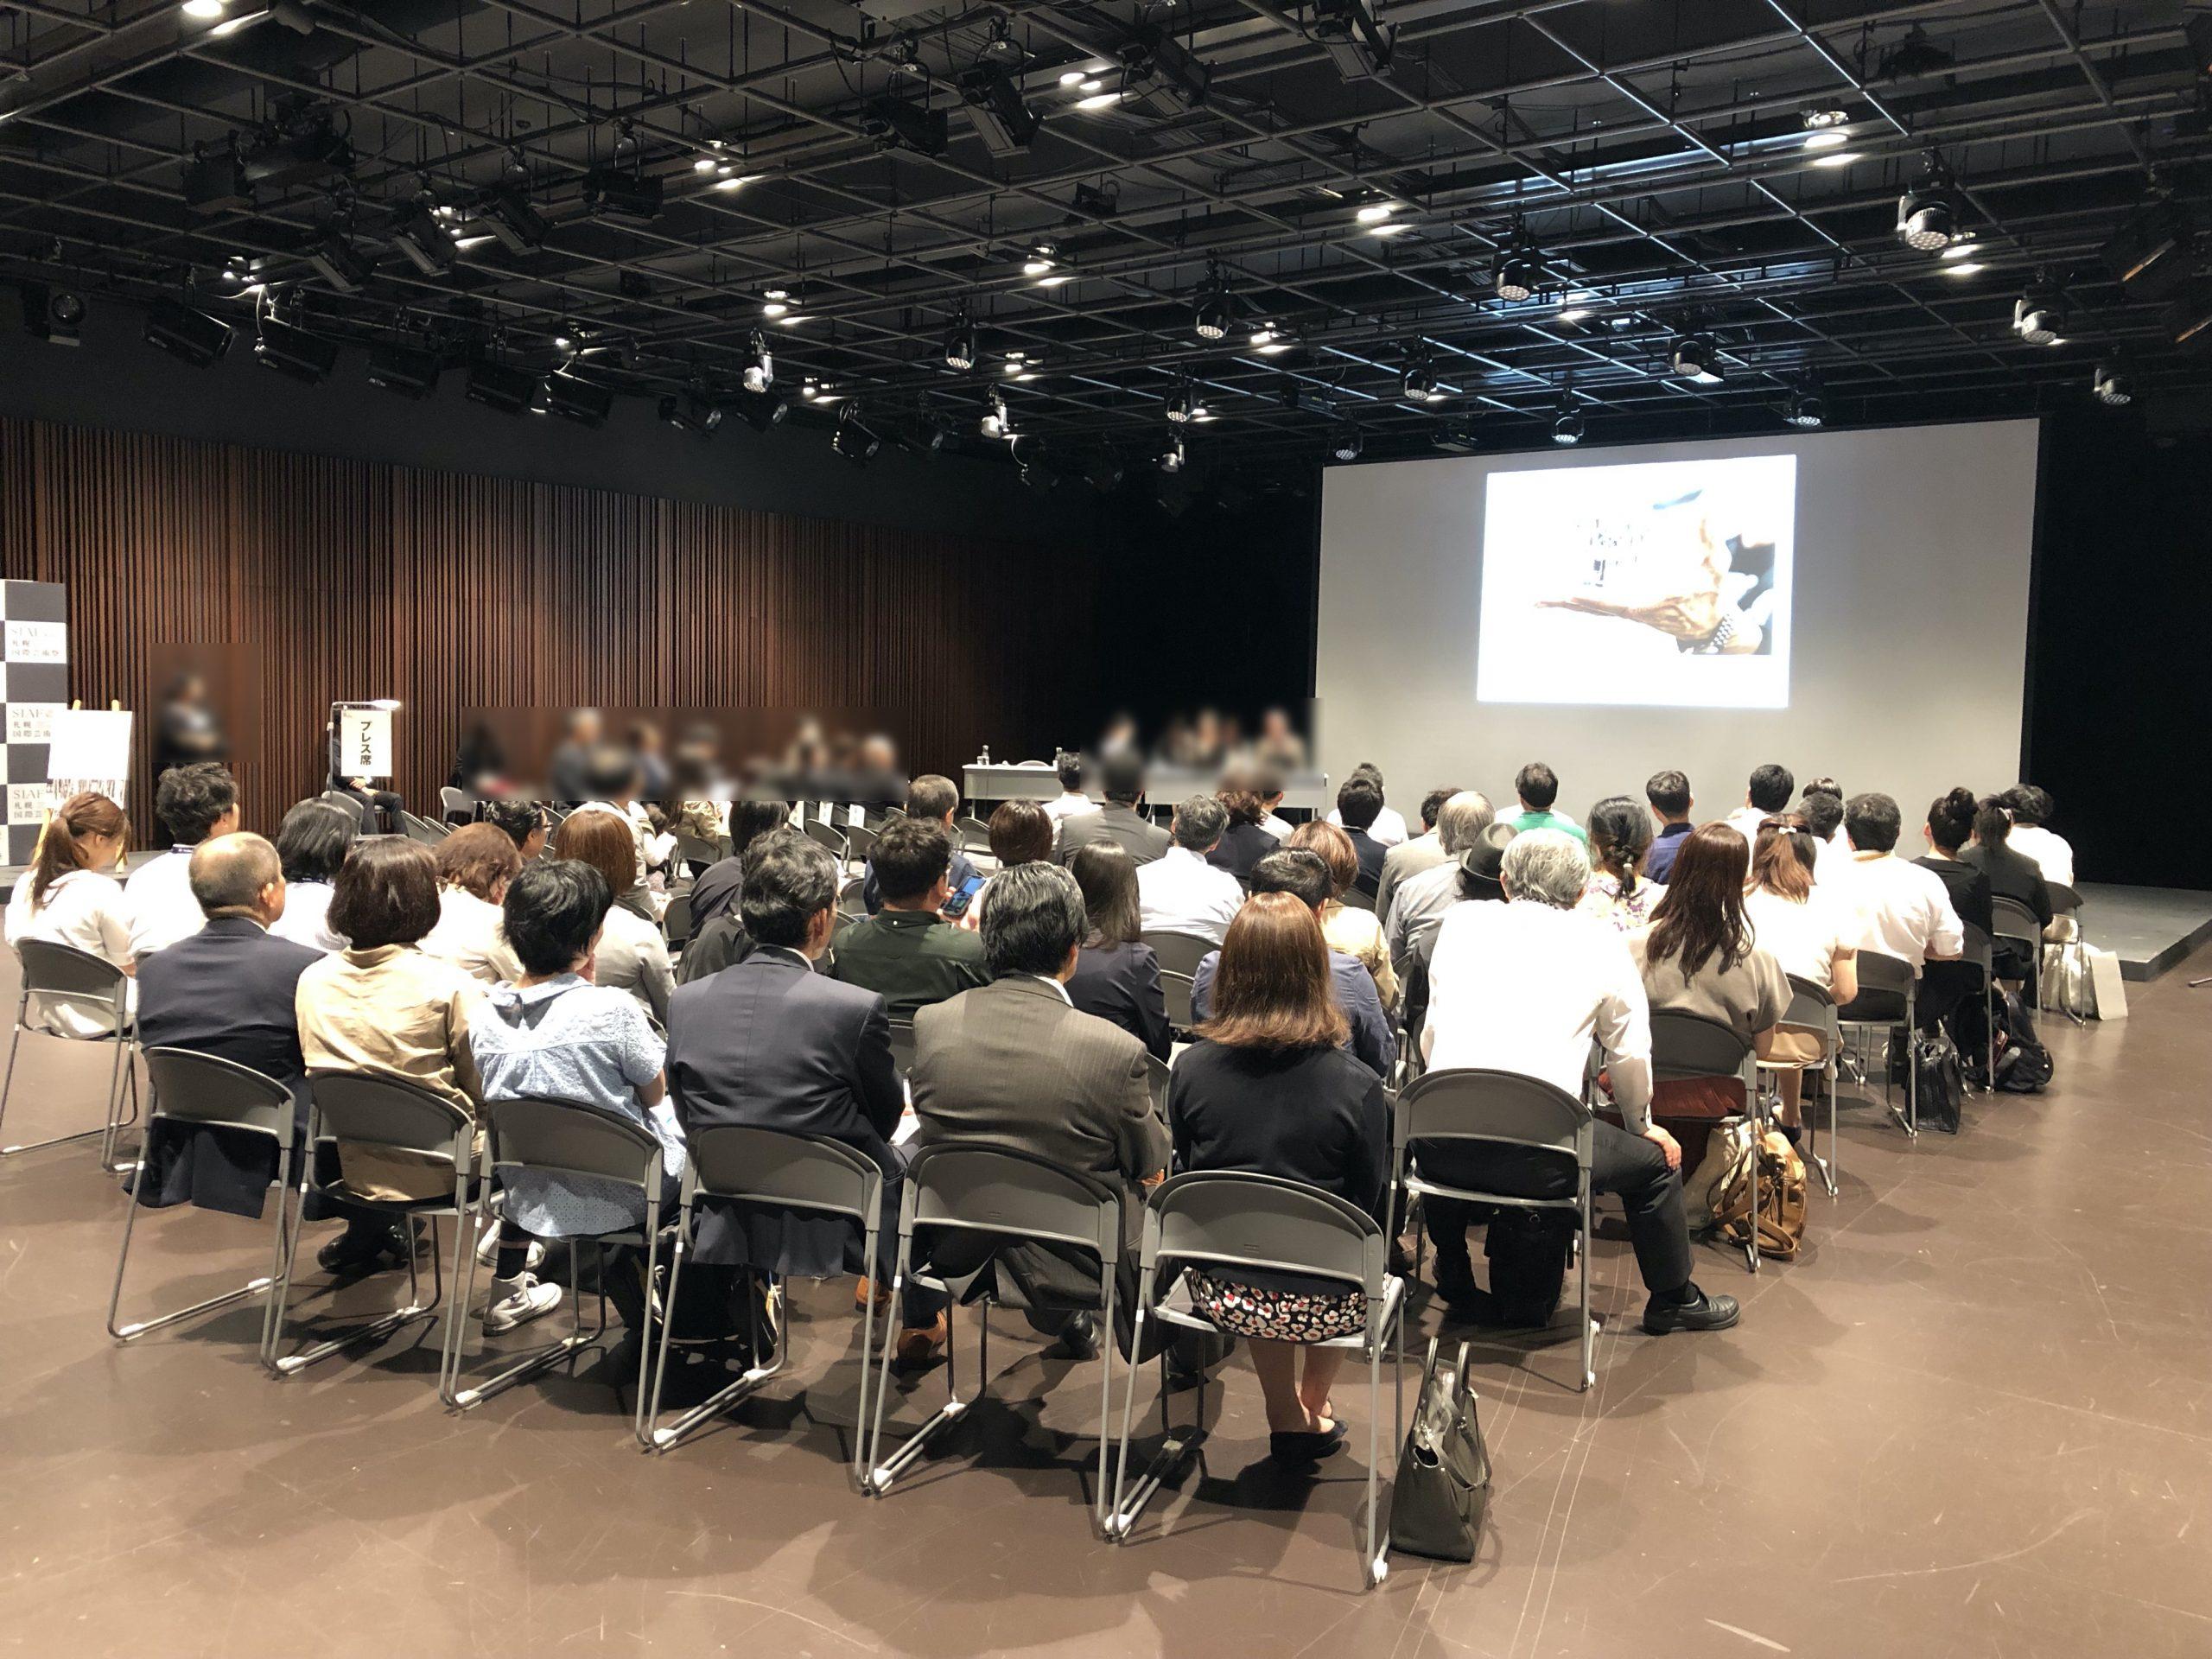 札幌国際芸術祭2020開催概要発表に係る記者会見運営業務